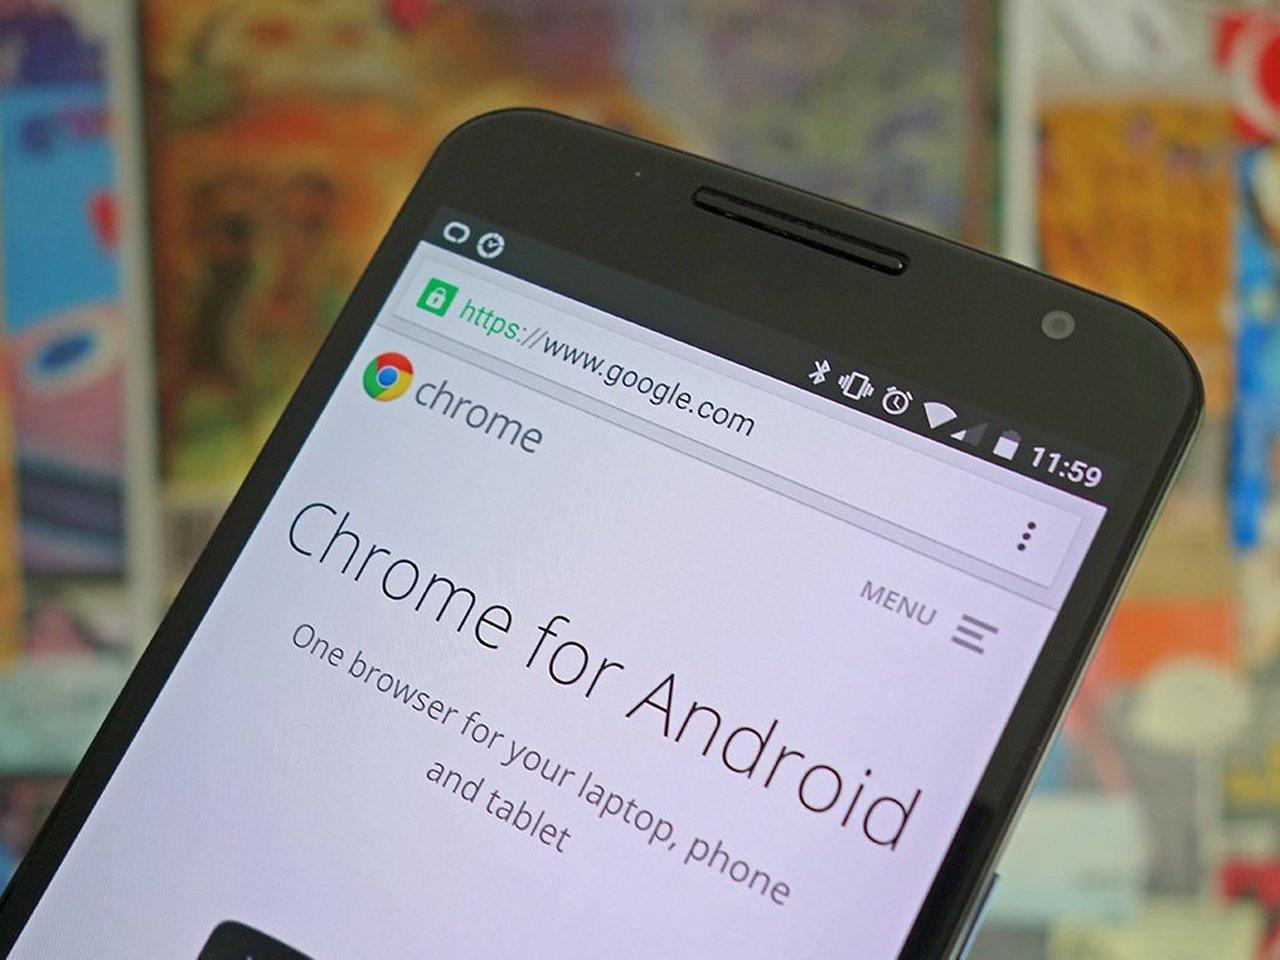 Пользователям Android будет доступен обновлённый мобильный браузер Chrome